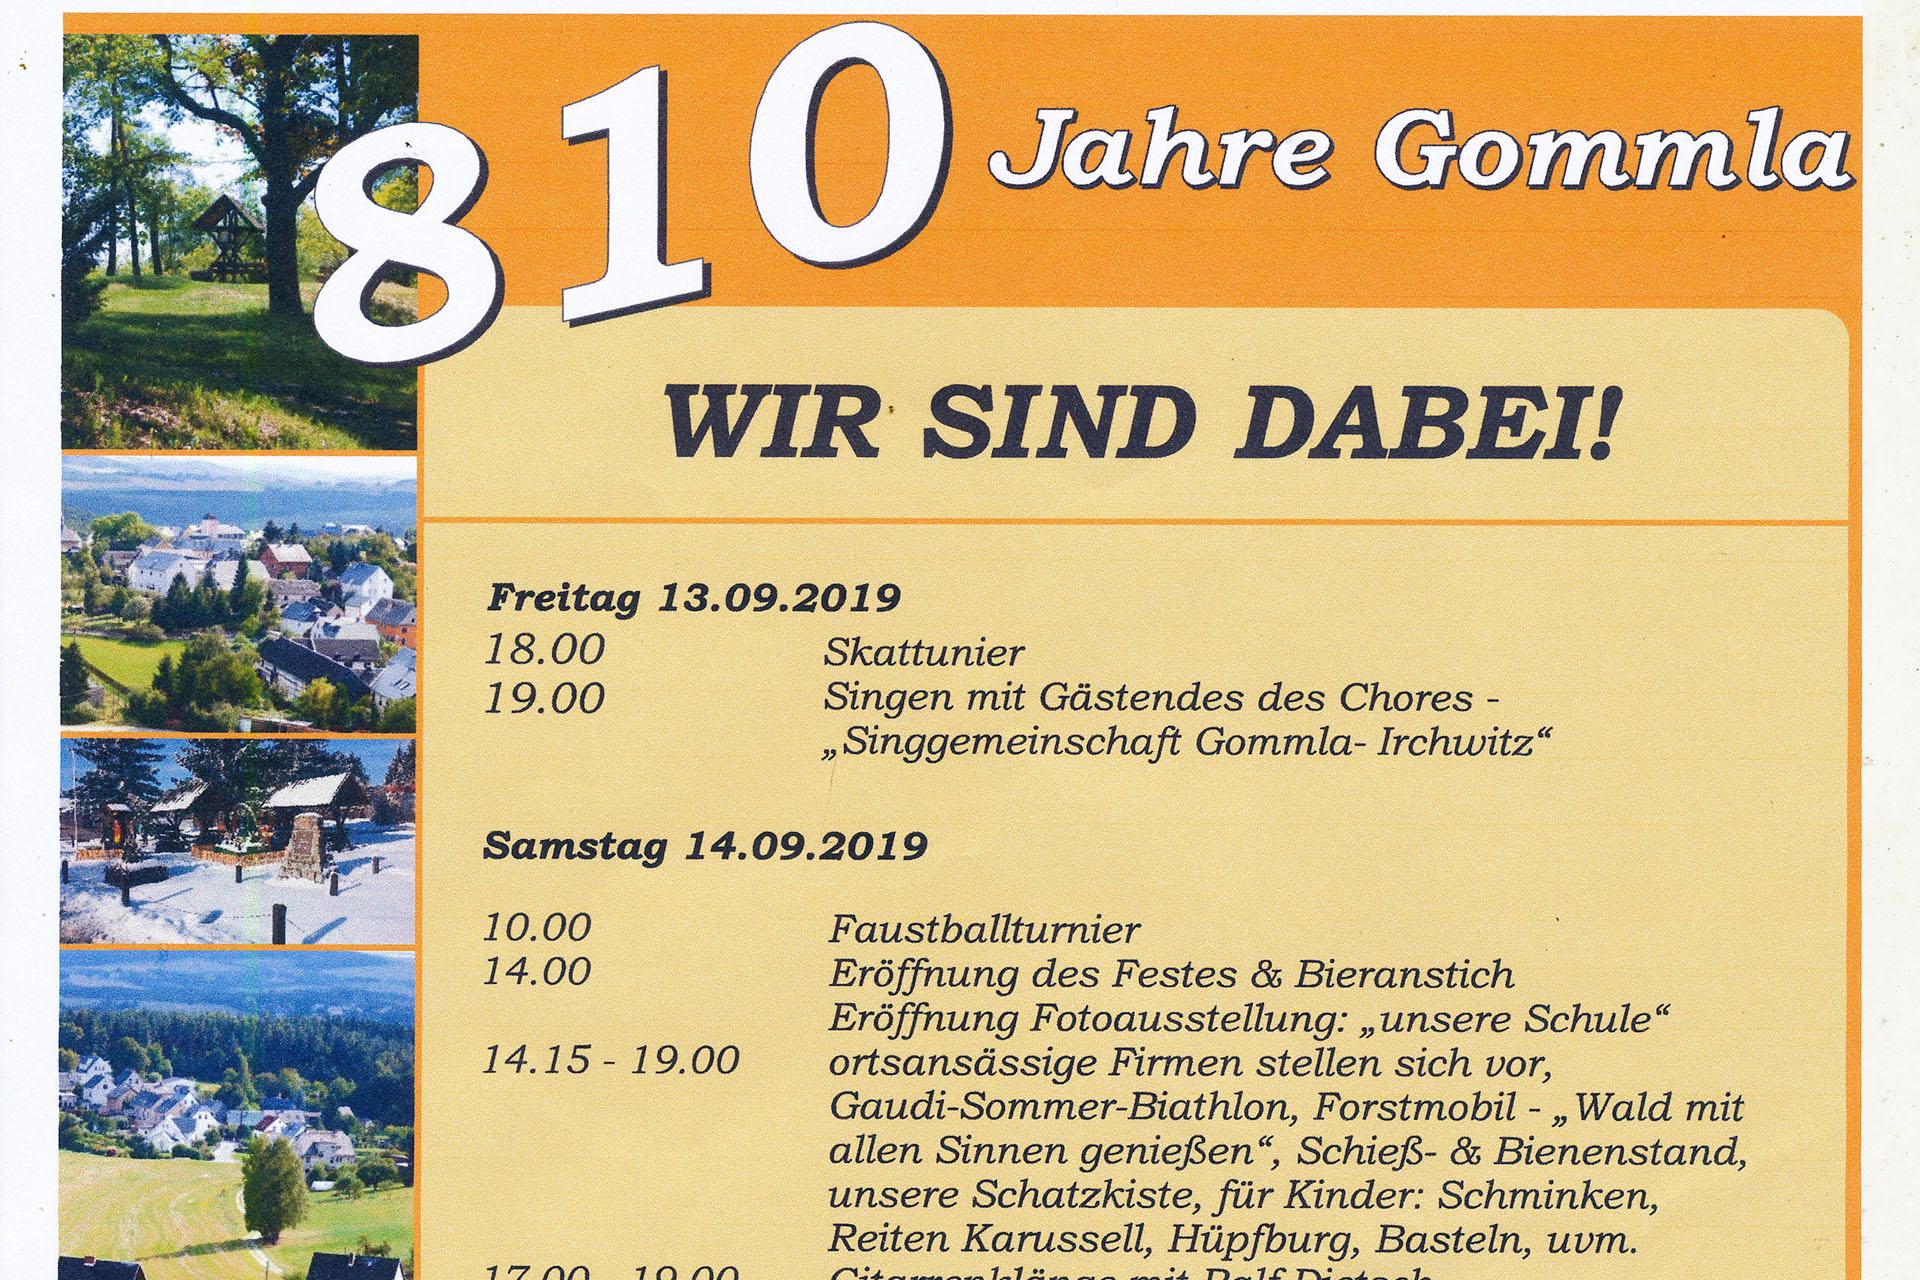 Gommla feiert 810-jähriges Jubiläum der urkundlichen Ersterwähnung